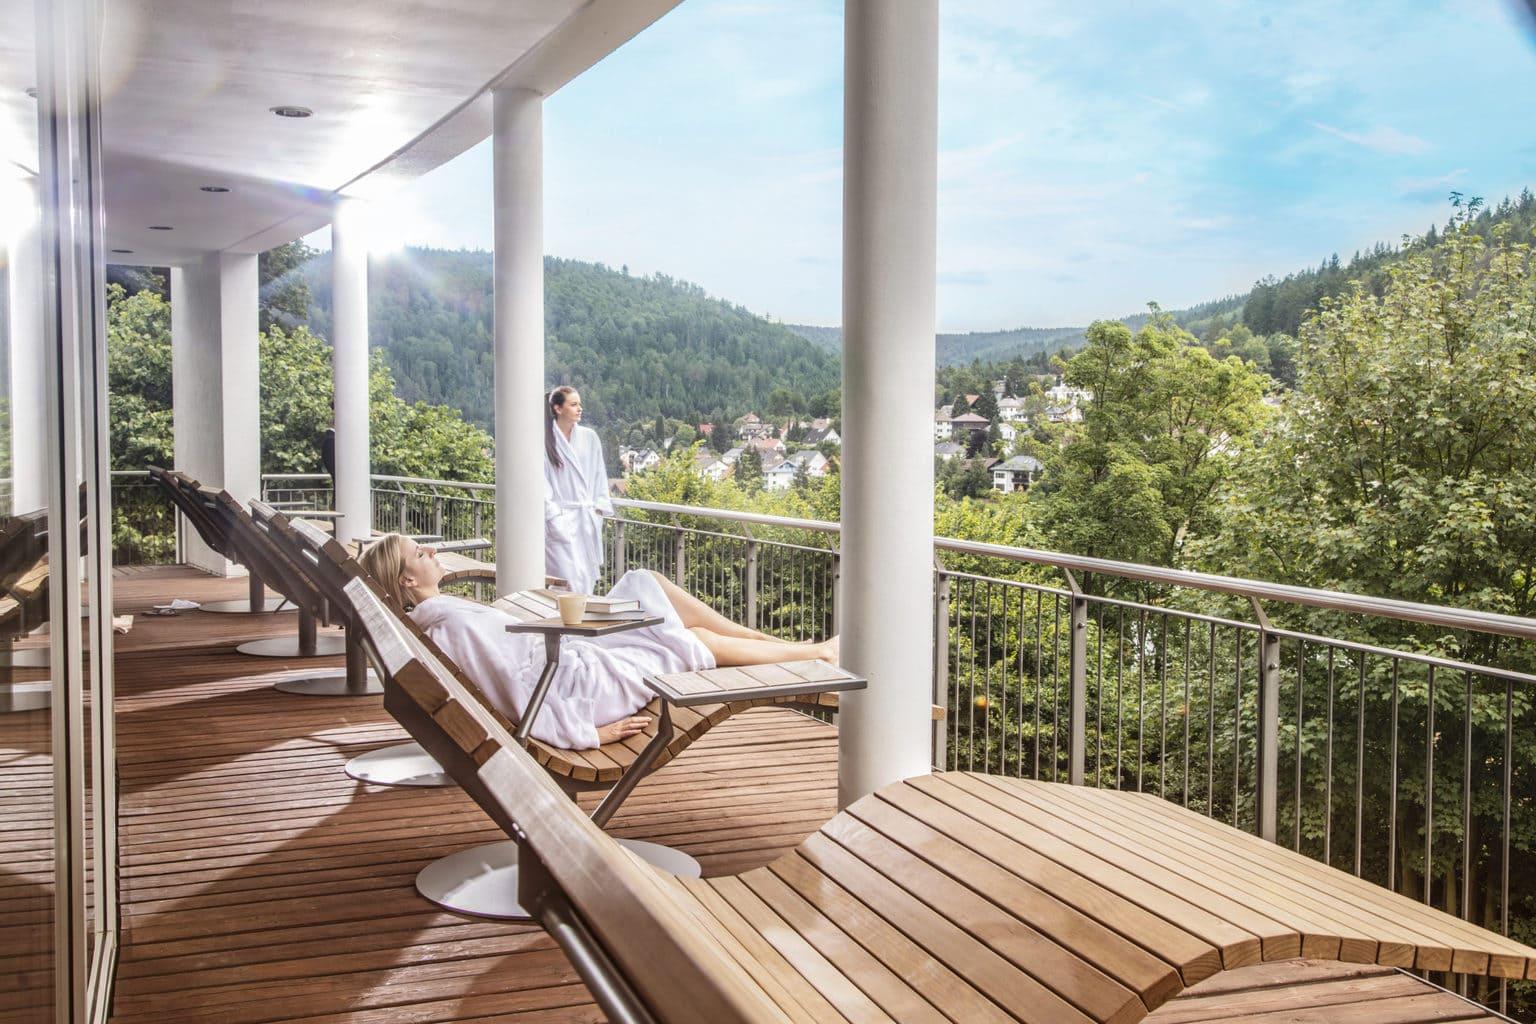 Het balkon met ligstoelen van Hotel Schwarzwald Panorama in Bad Herrenalb